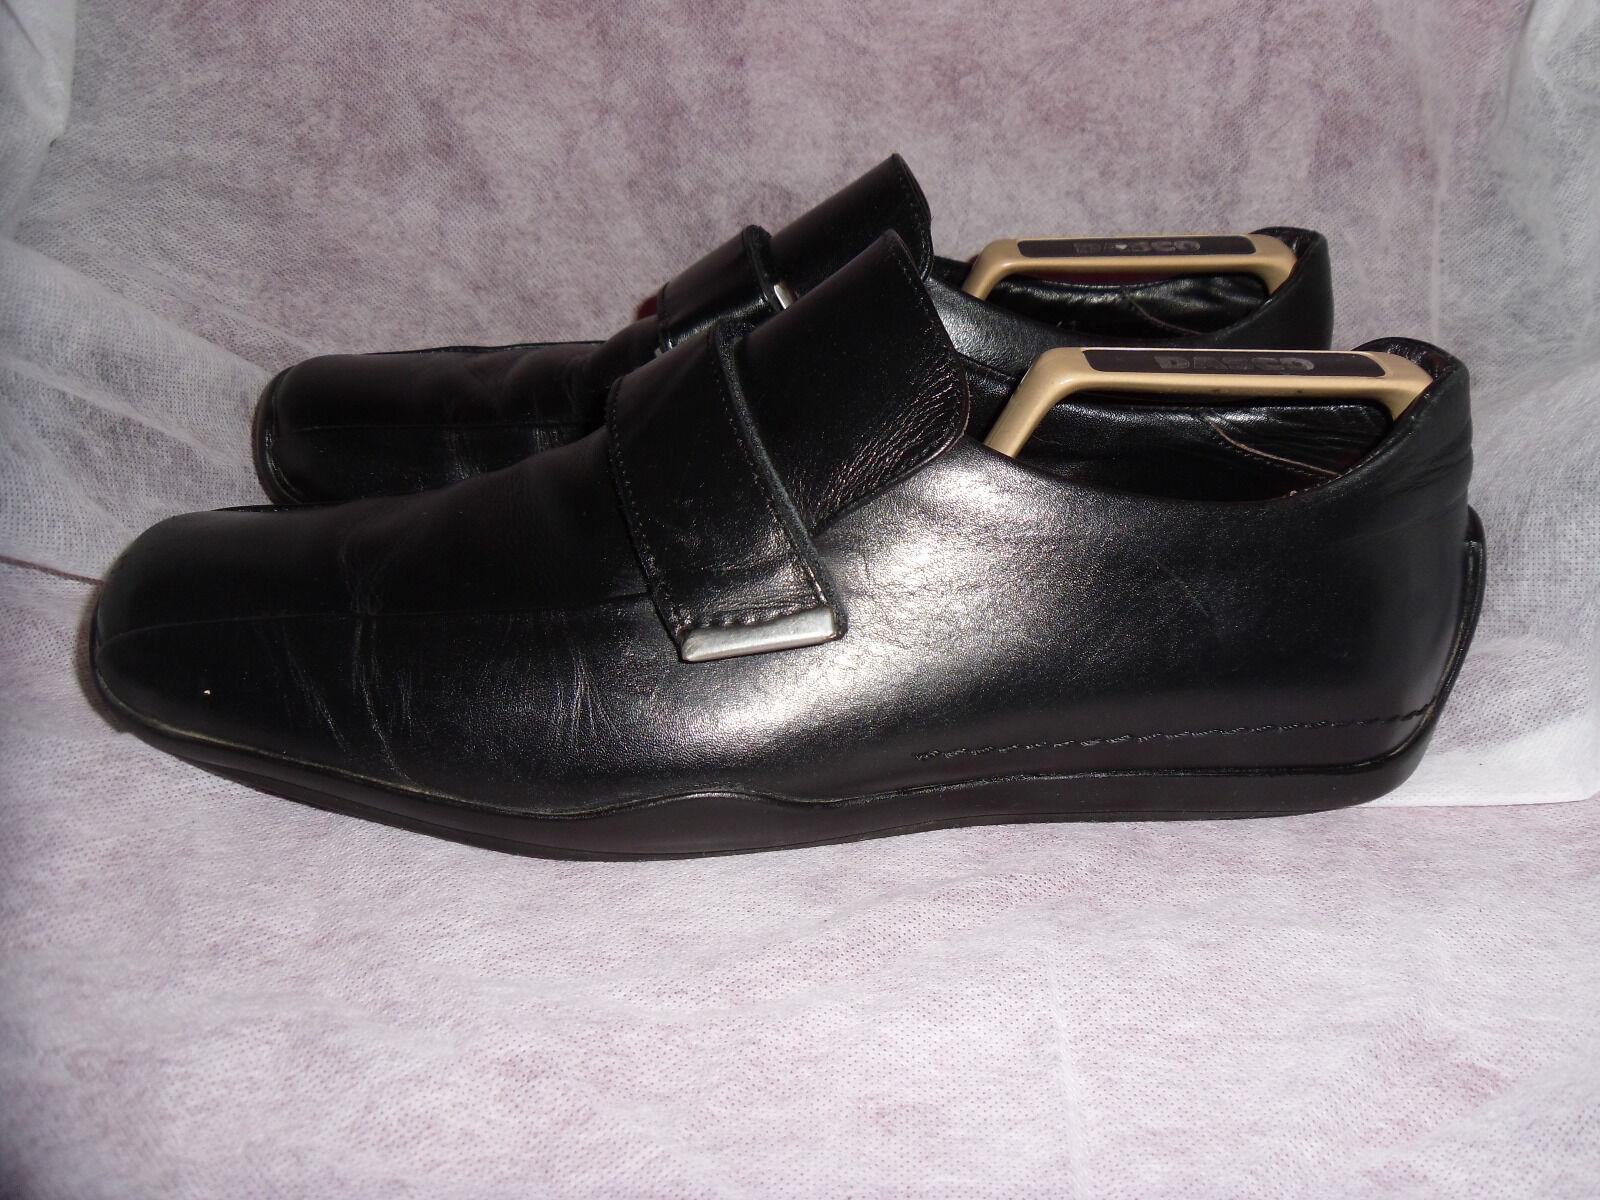 Russell & Bromley Uomo Nero Pelle Velcro Scarpa/Scarpe da ginnastica. Taglia EU 41 in buonissima condizione